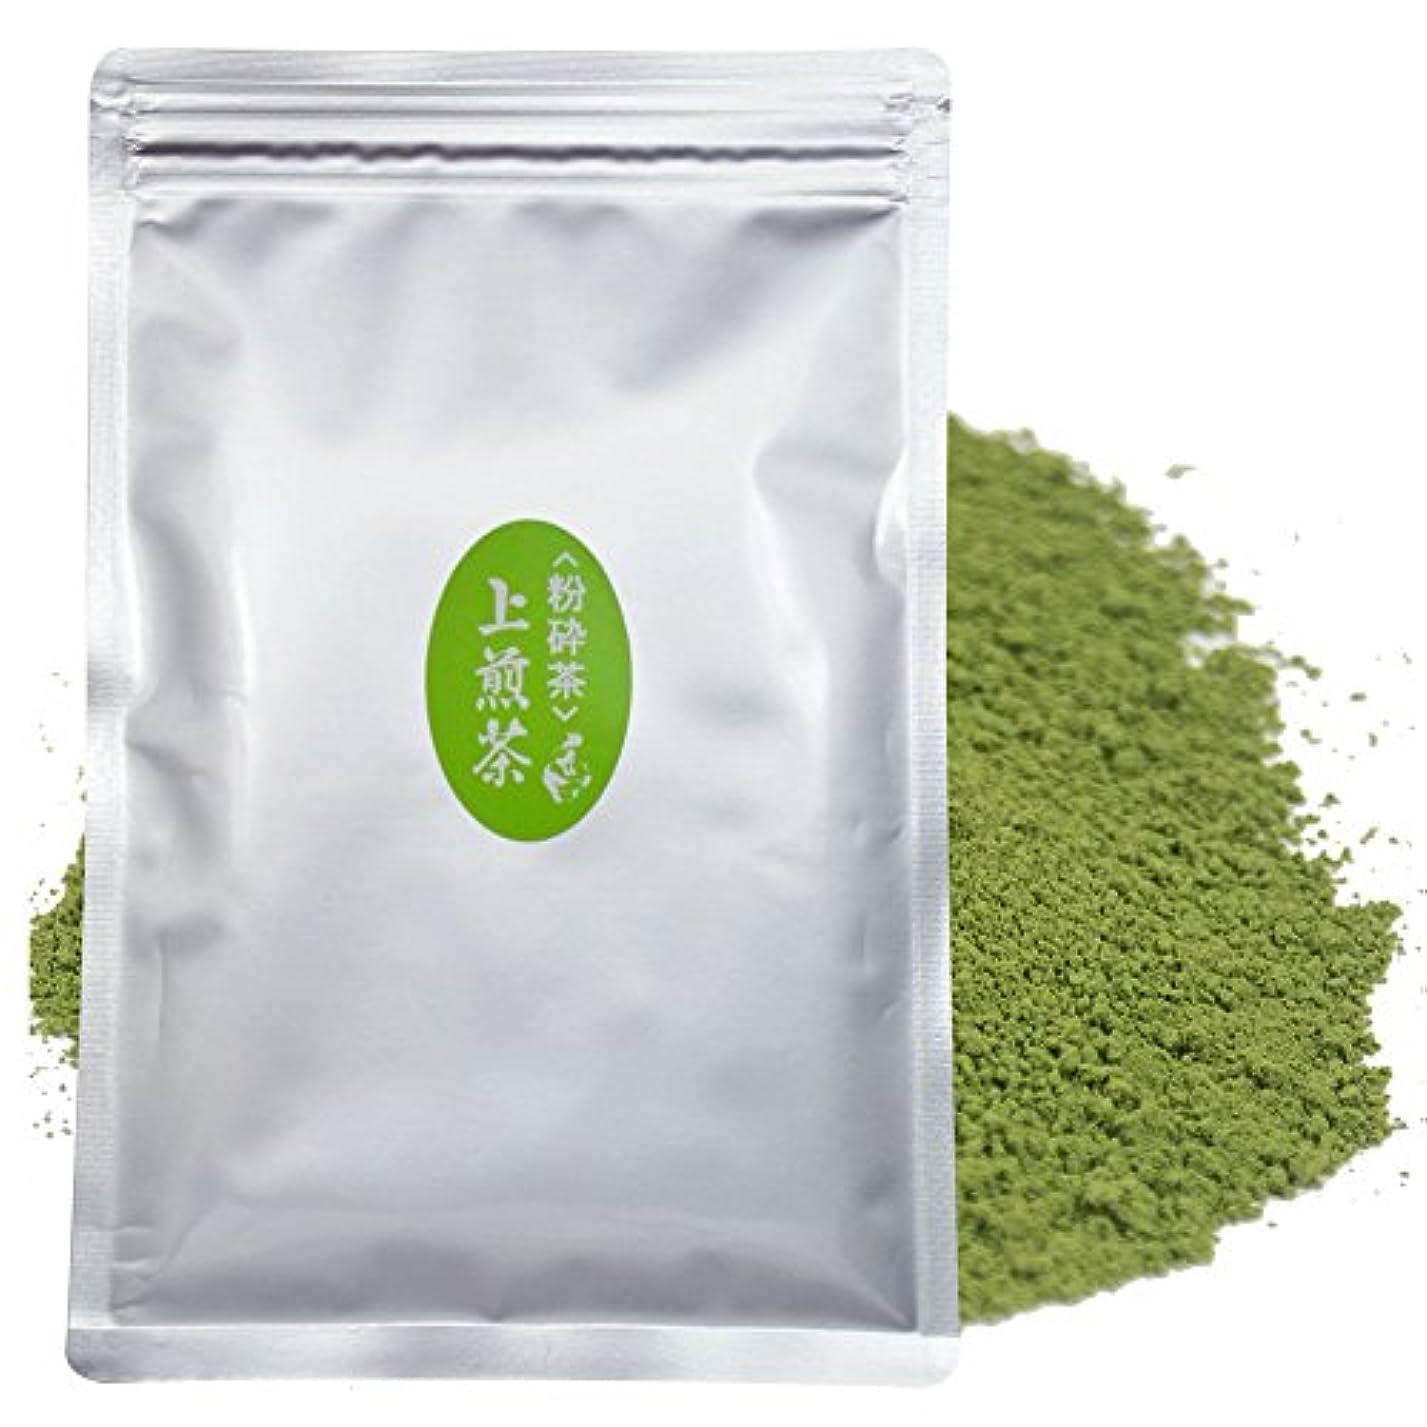 ラダロイヤリティ構成する粉砕茶 上煎茶 給茶機対応 (100gx1(100g))